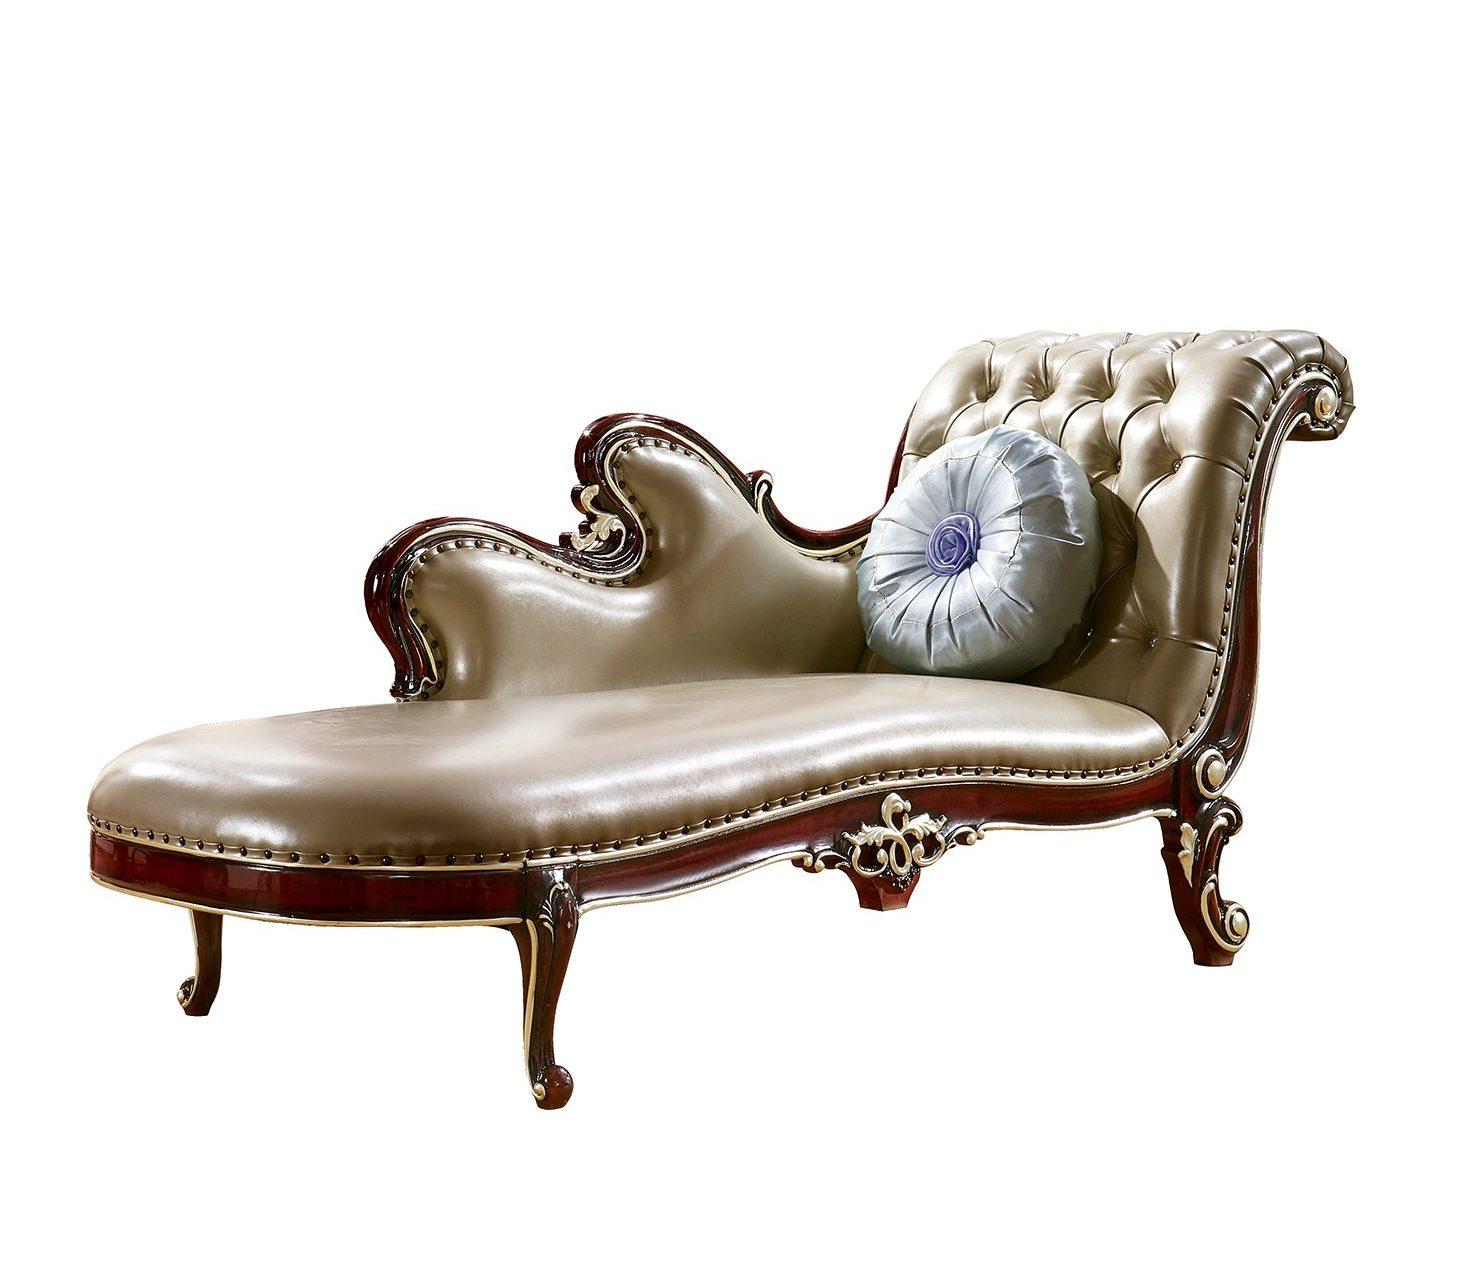 Ghế quý phi Tân cổ điển màu rượu vang nho QP8802G phong cách Quý tộc